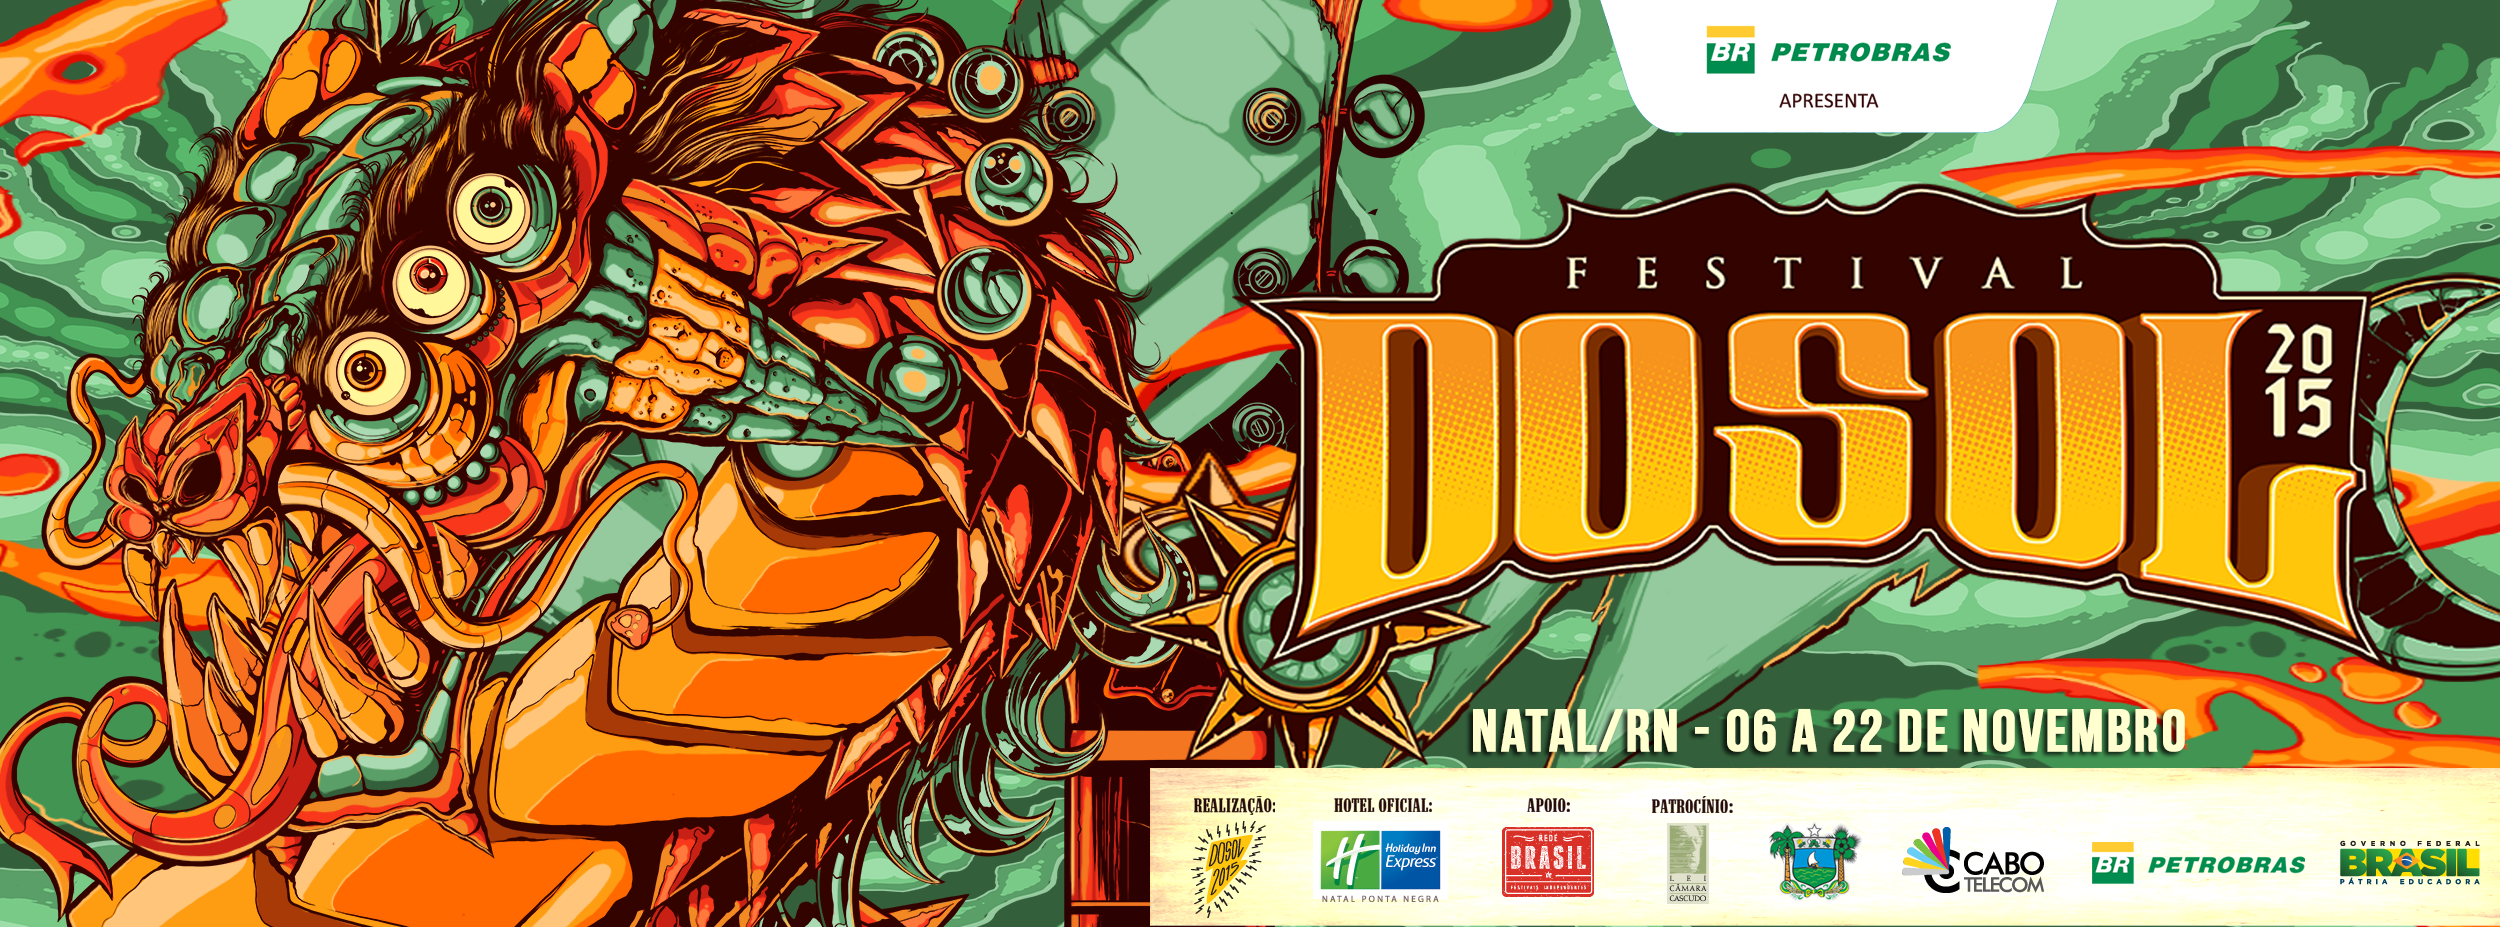 Festival DoSol 2015 – Natal/RN